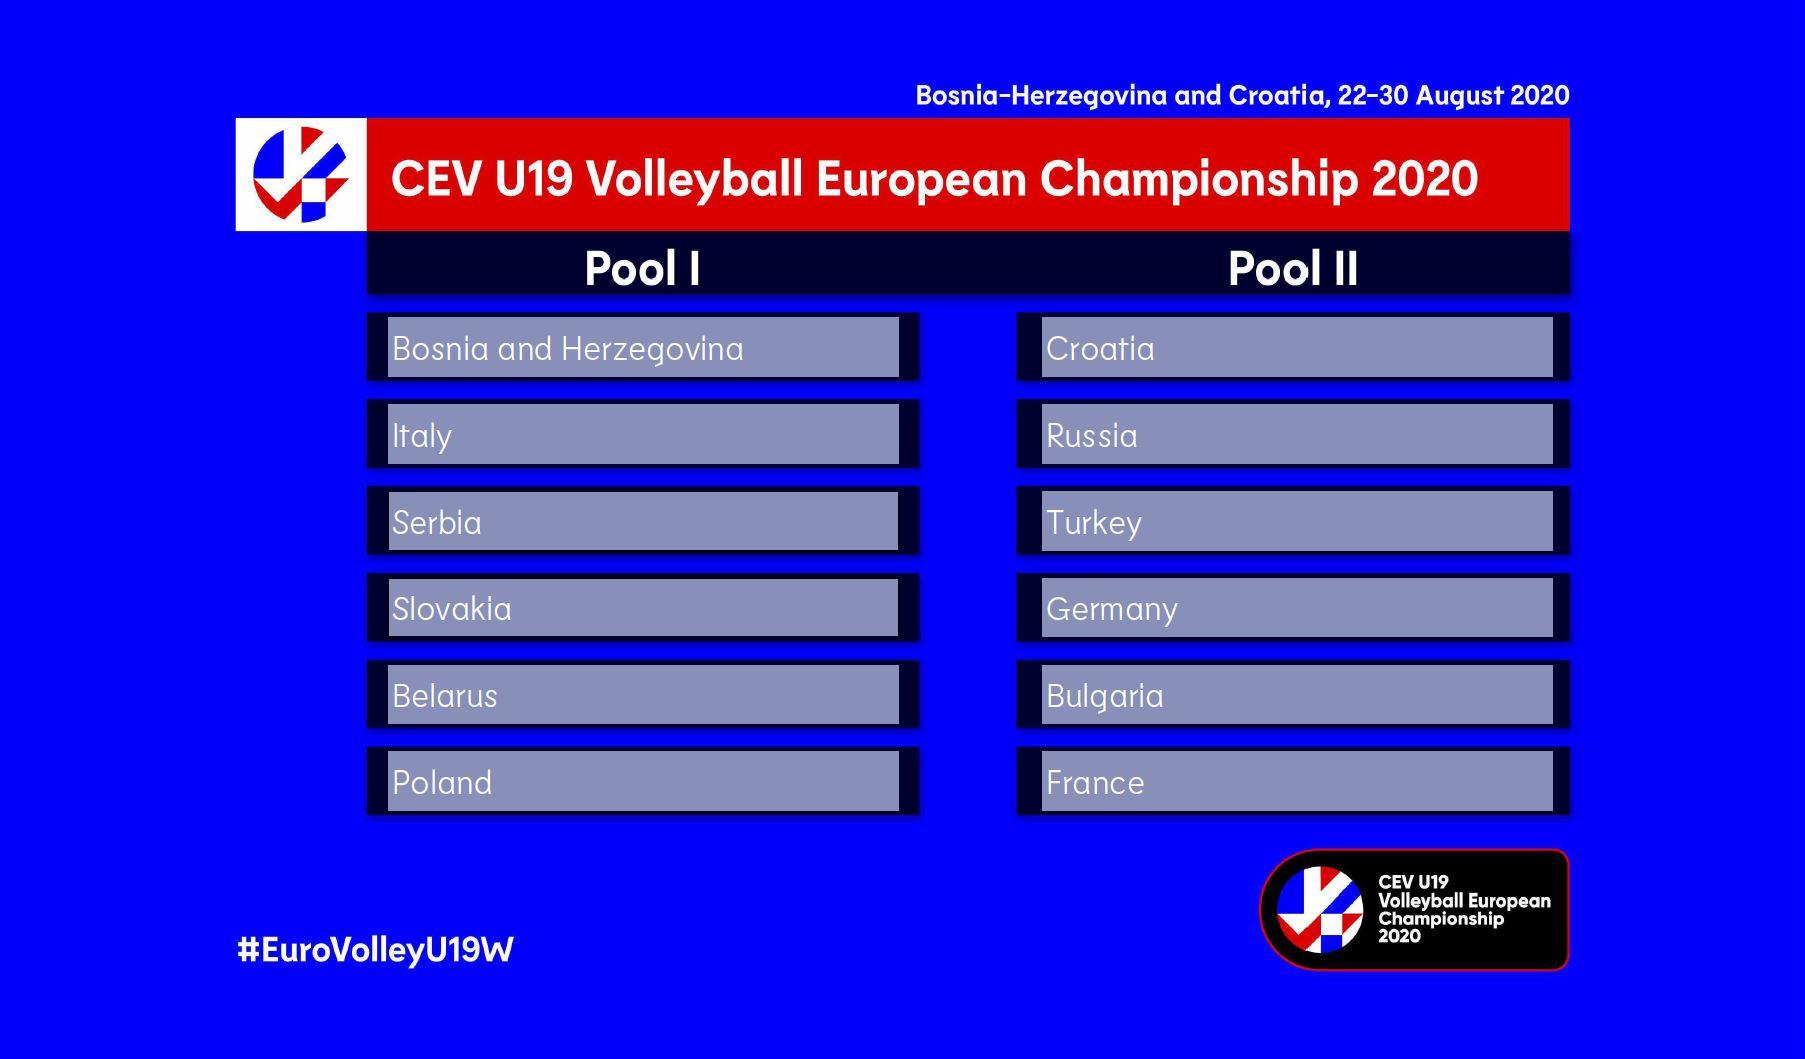 EuroVolleyU19W DOL results